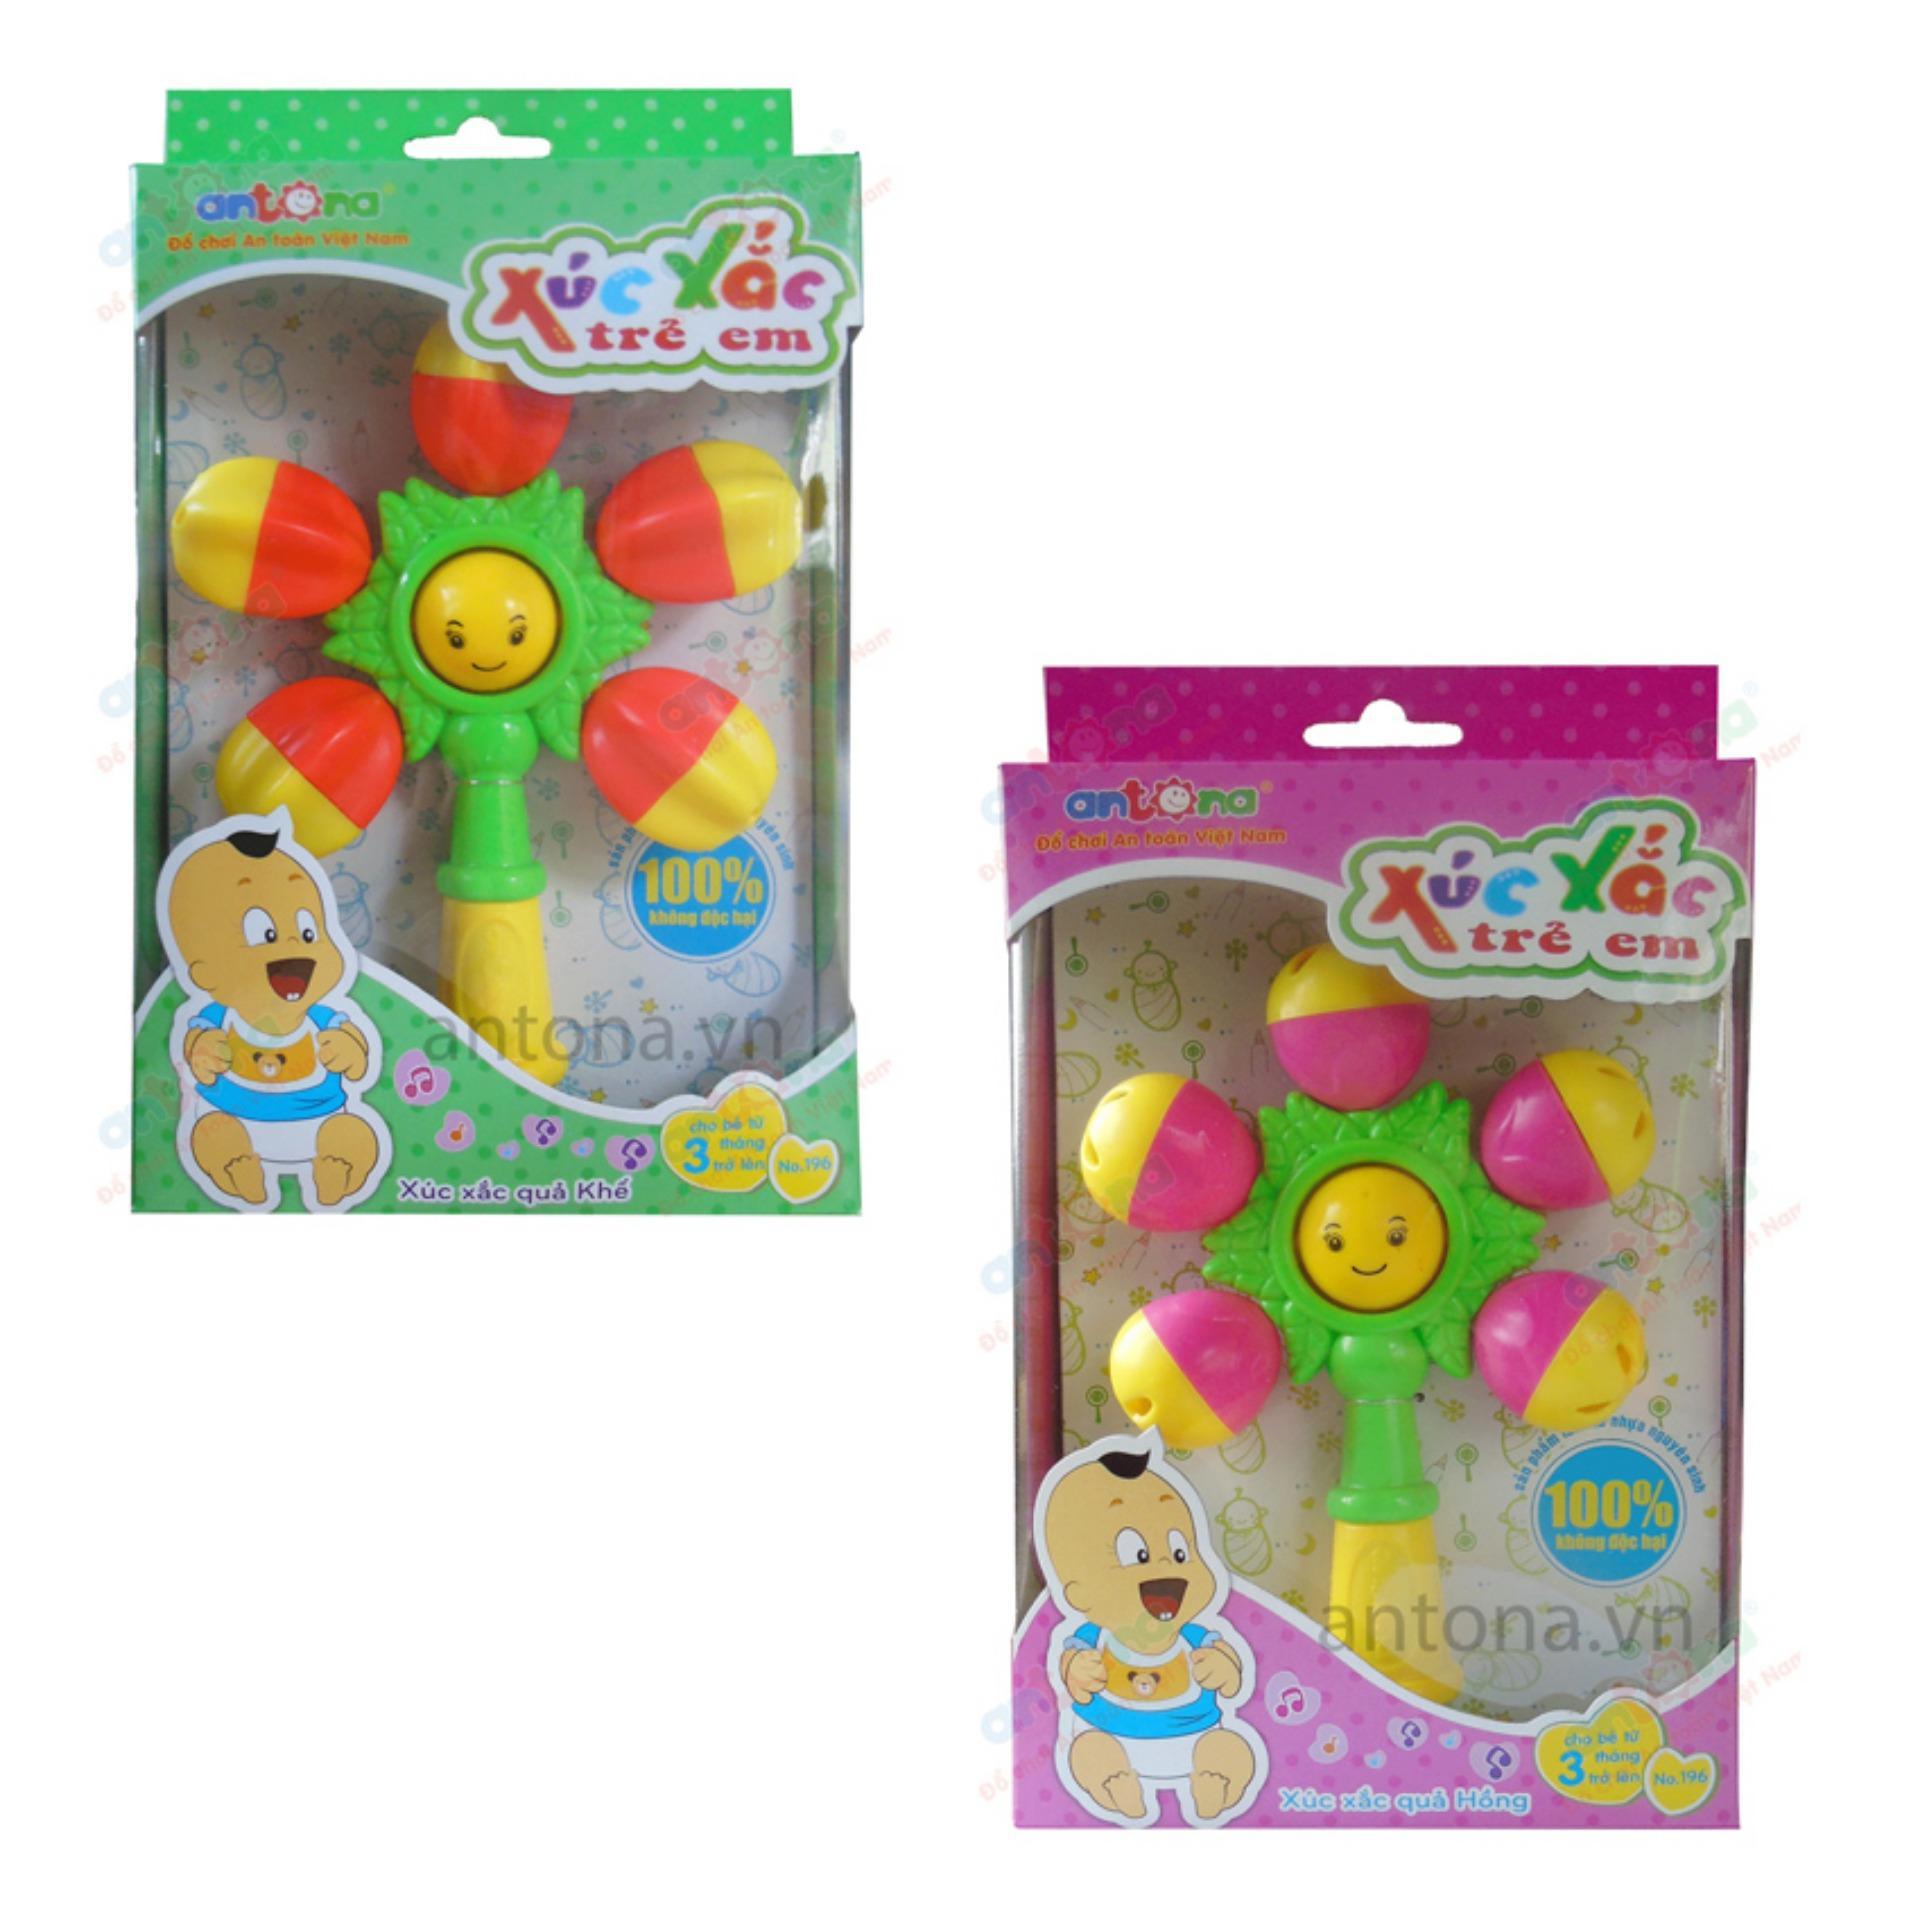 Bộ 2 đồ chơi Xúc xắc quả hồng và xúc xắc quả khế